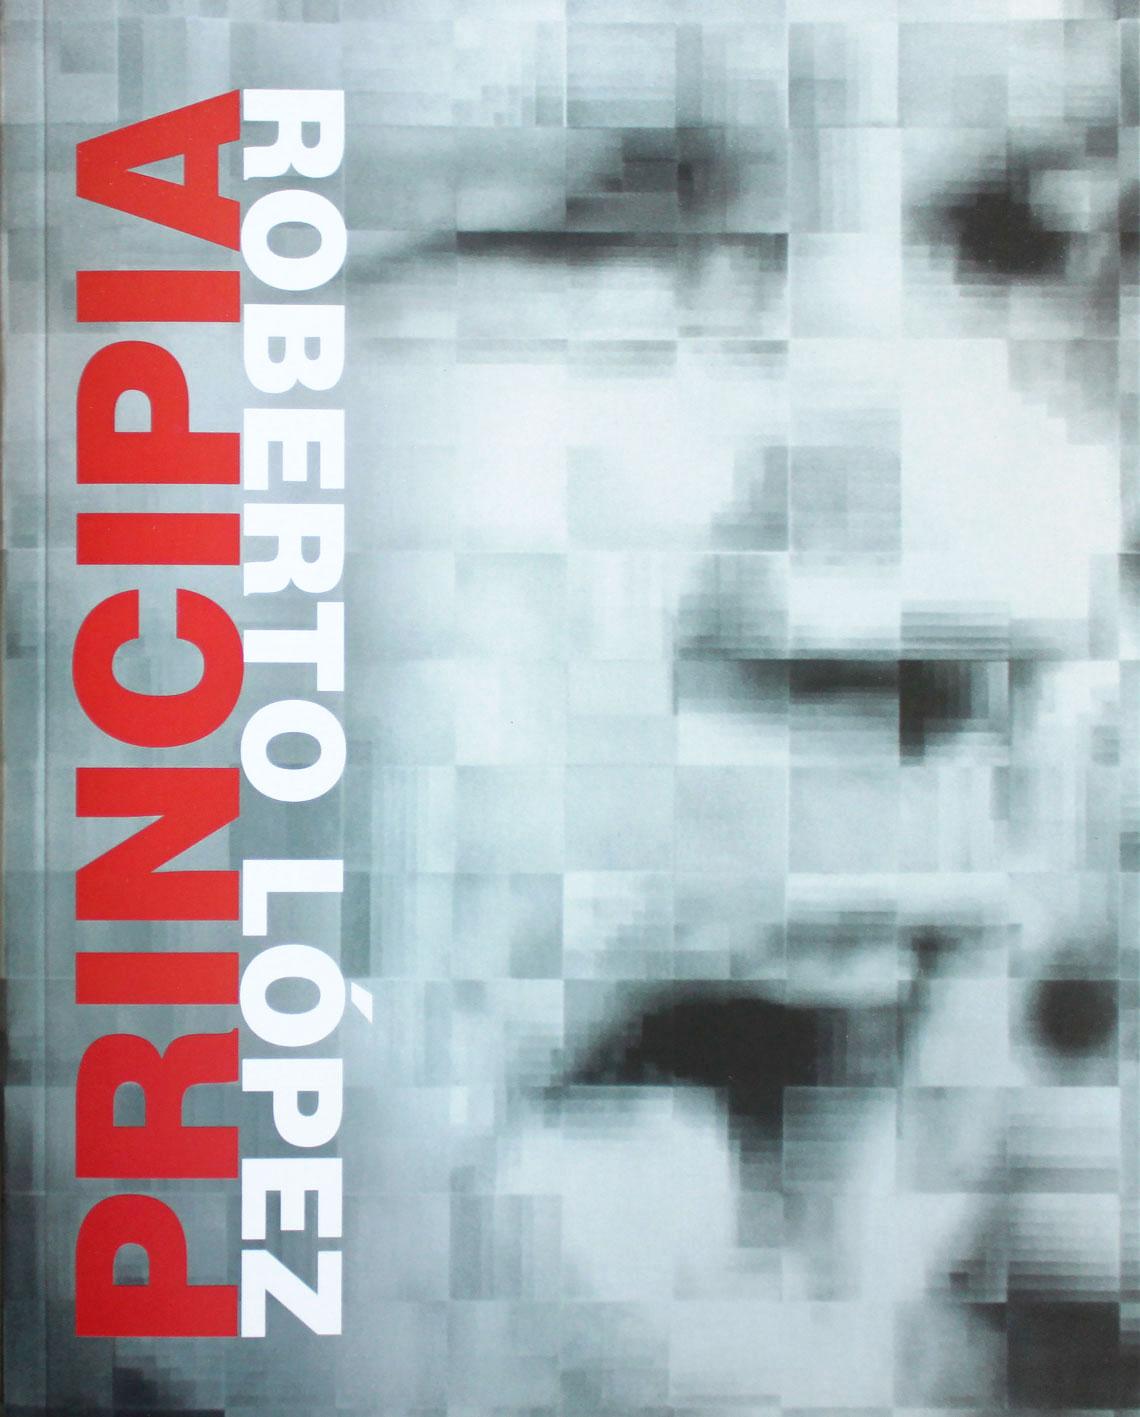 roberto-lopez-exhibition-catalogue-principia-zaragoza-casa-de-los-morlanes